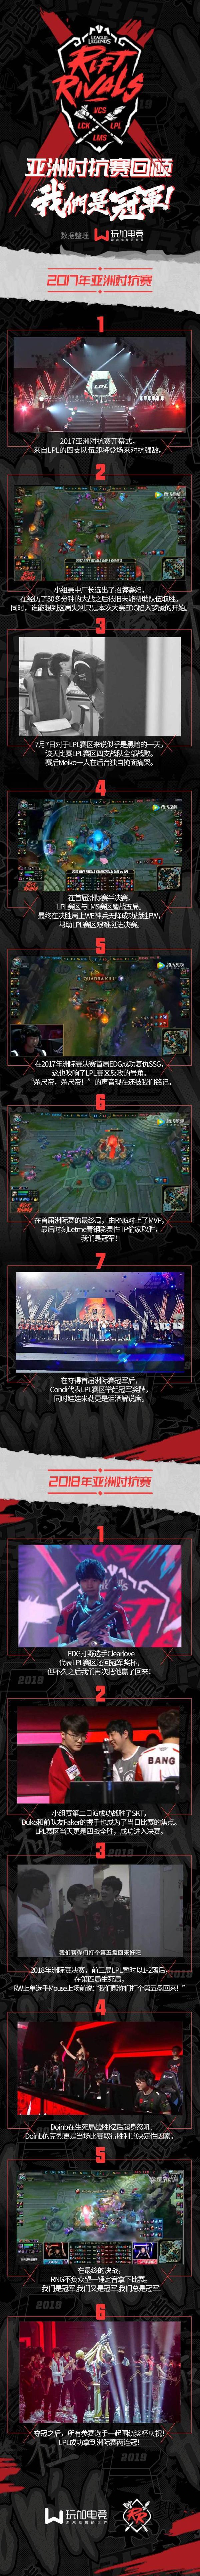 洲際系列賽亞洲對抗賽回顧長圖:我們是冠軍